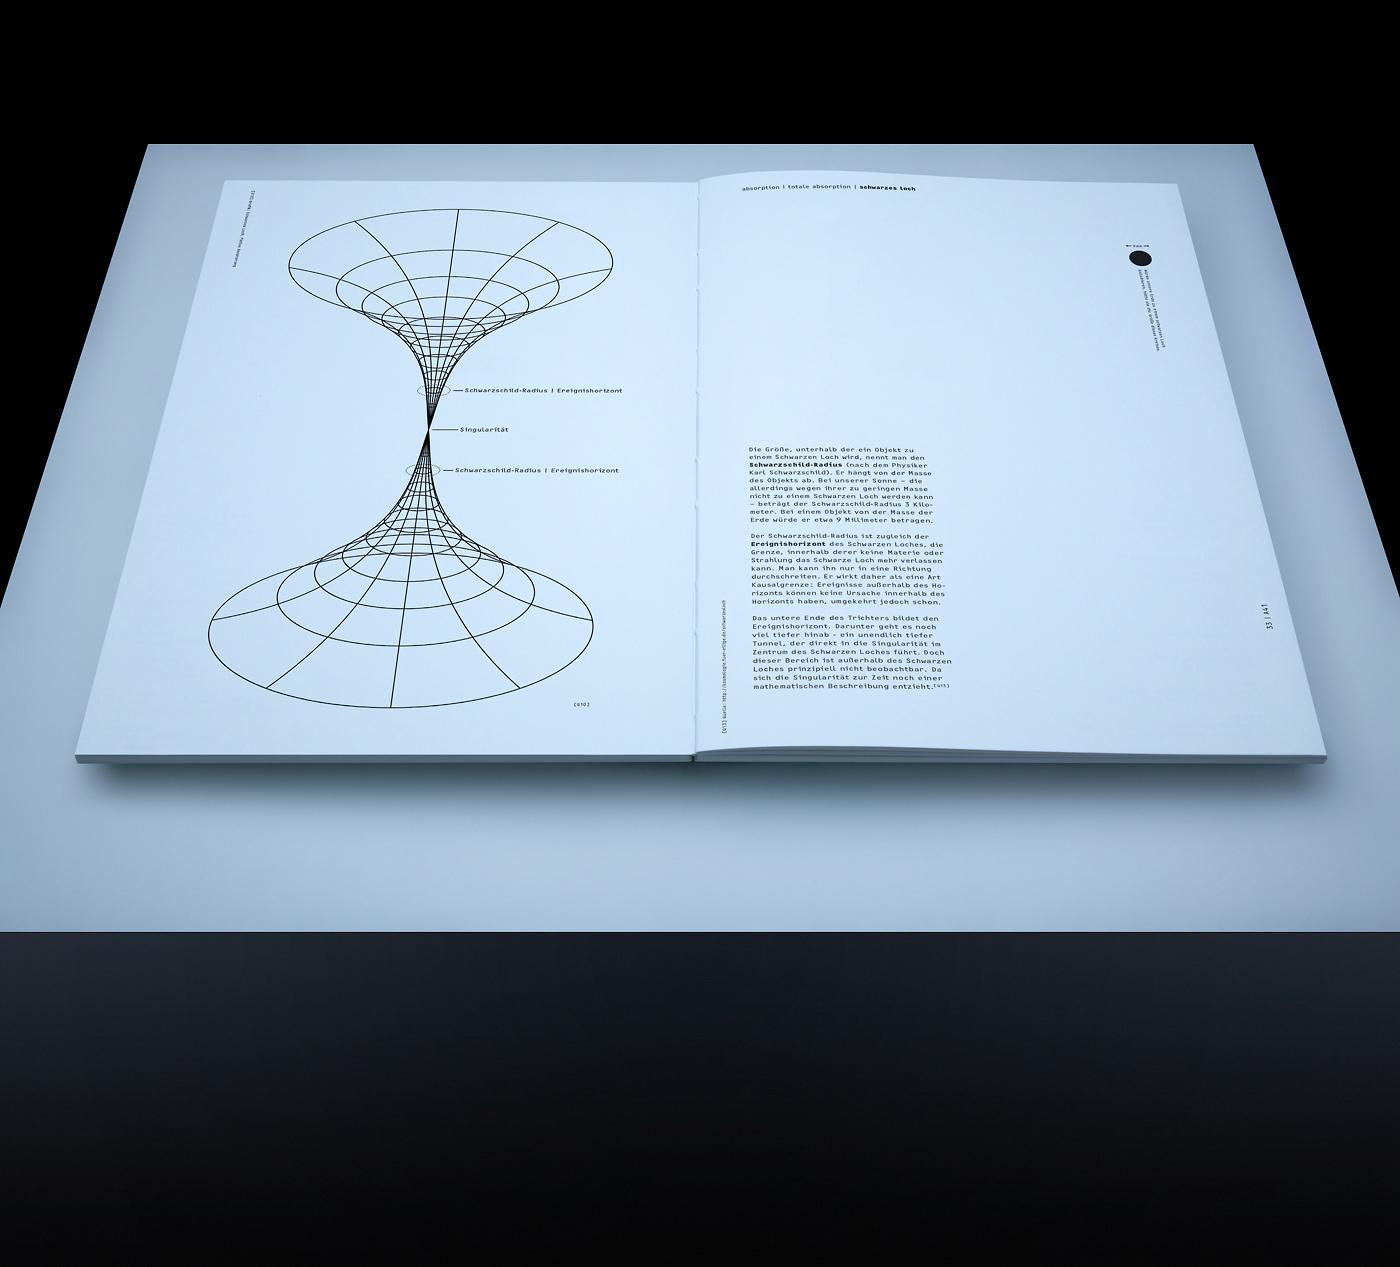 Eins Und Null Magazine - Editorial Magazine